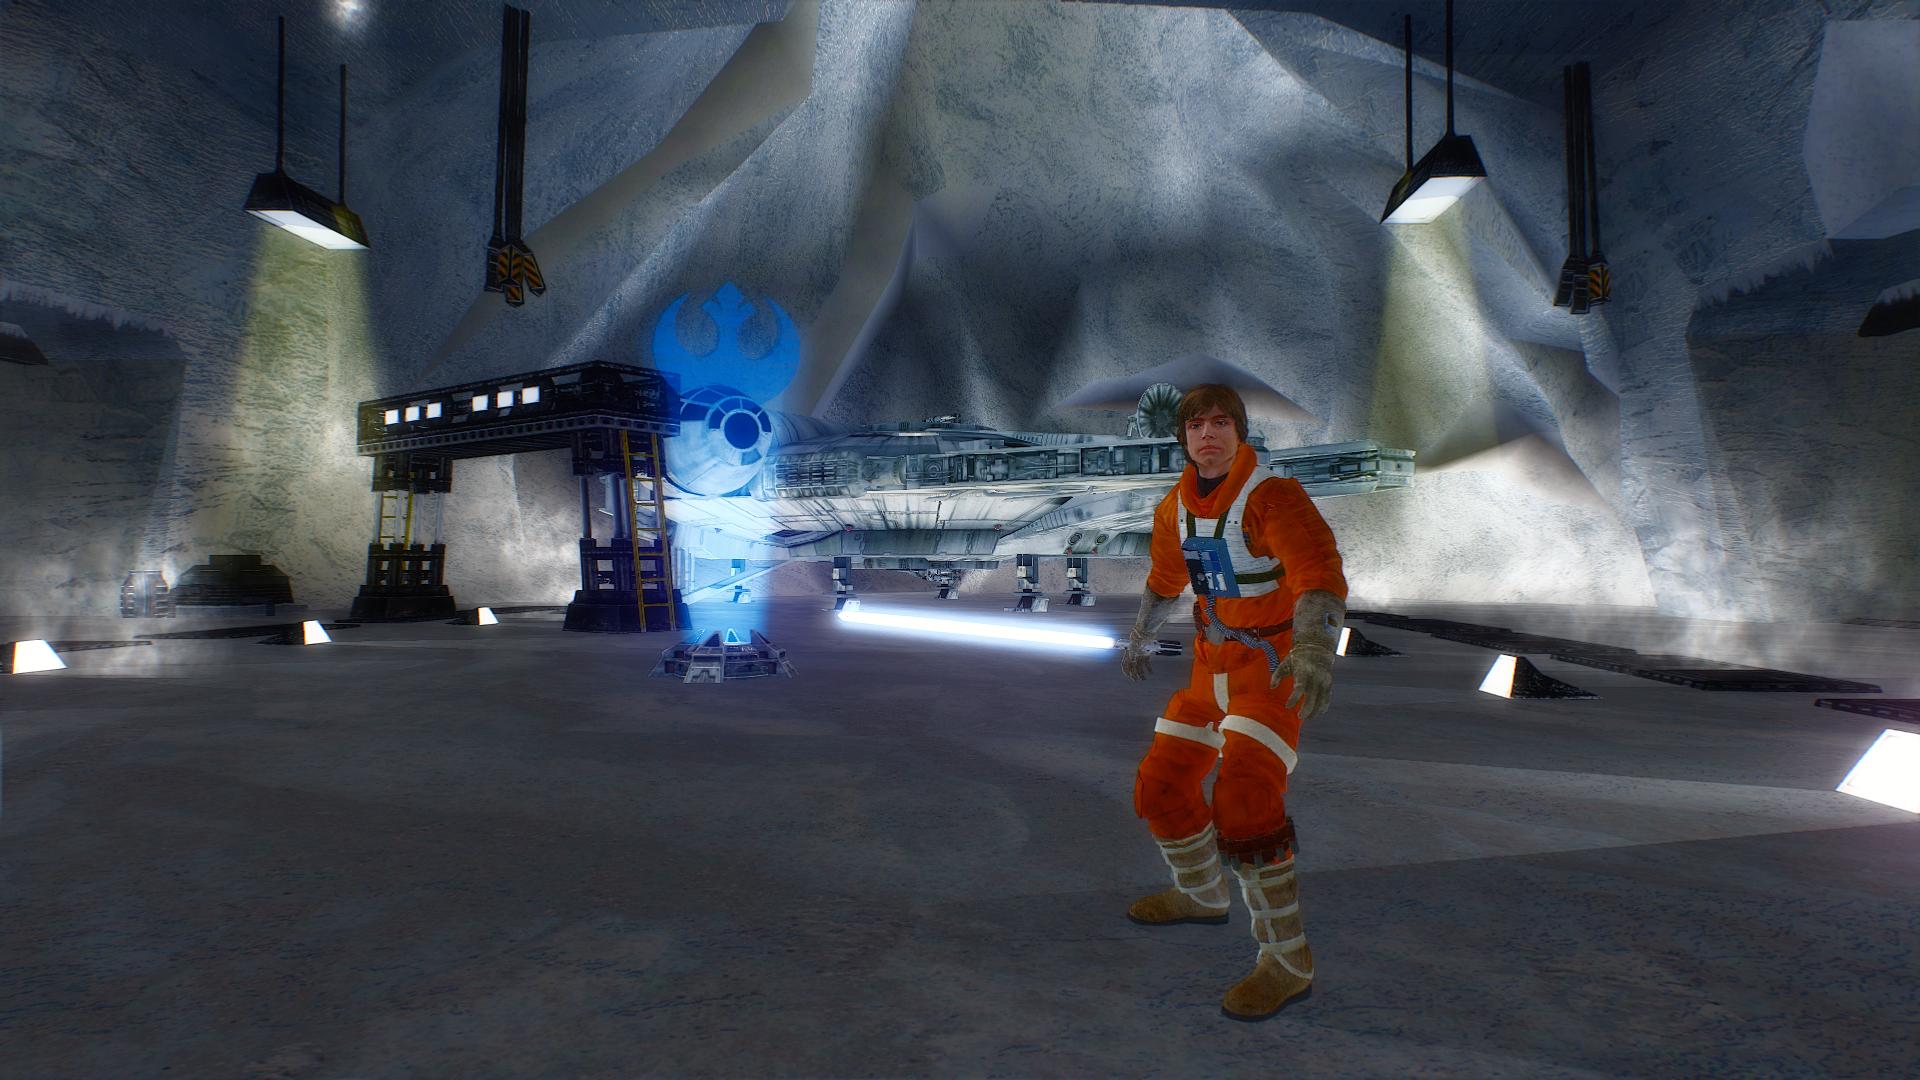 Realistic Hoth Pilot Luke Battlefront 2 HD